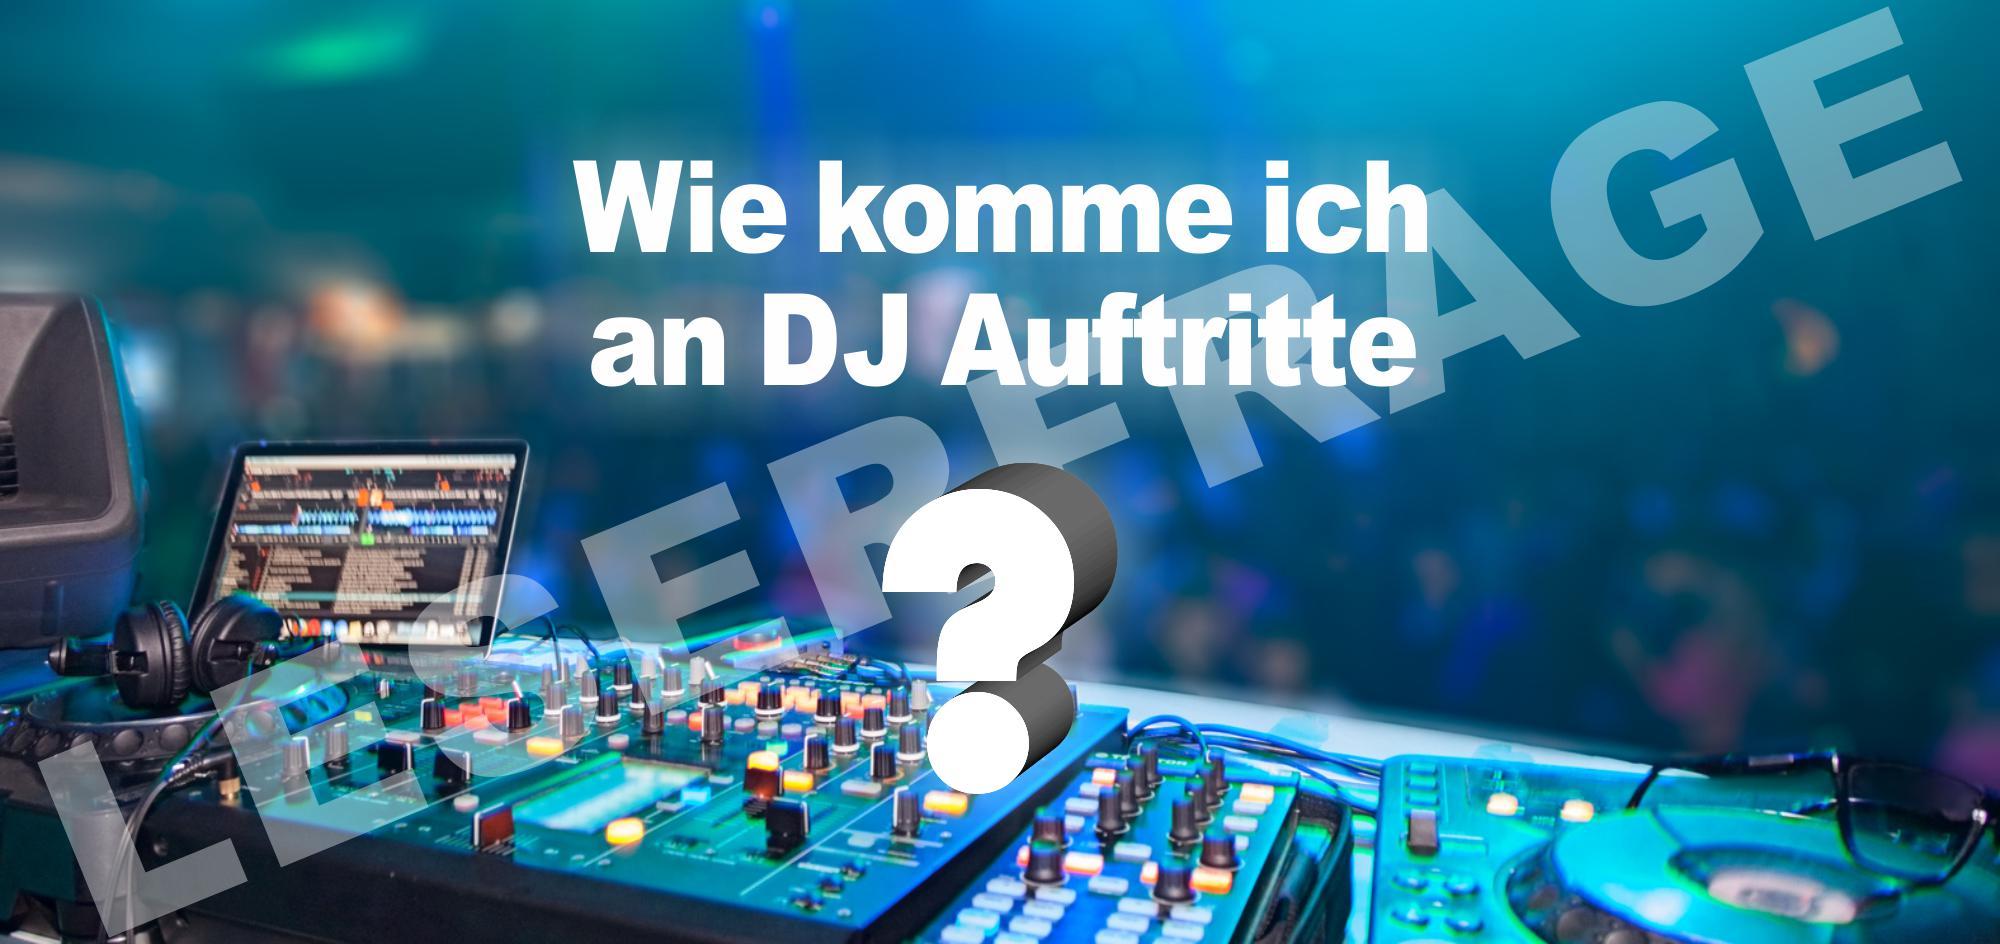 Wie komme ich an DJ Auftritte?